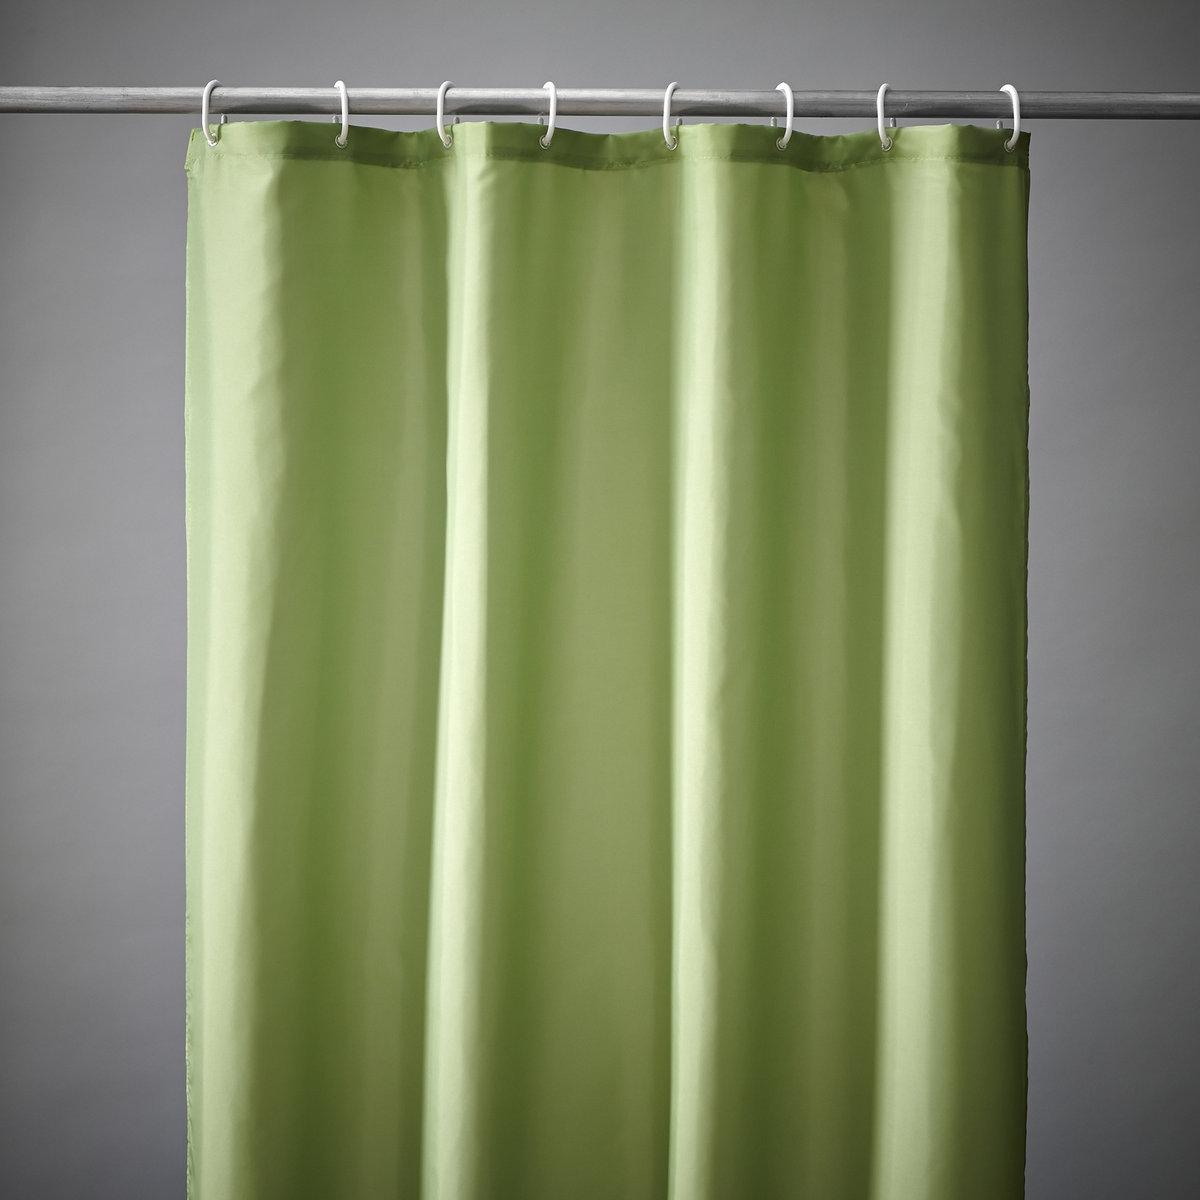 Штора для душа Sc?narioШтора для душа в 8 великолепных цветах для создания атмосферы гармонии в ванной комнате! Штора для душа из эластичного и непромокаемого текстиля, 100% полиэстера.Крепление с помощью пластиковых прозрачных крючков, идут в комплекте.Низ с грузиками для идеального натяжения.Размер шторы для душа: высота 200 см, два варианта ширины: 120 см или 180 см.<br><br>Цвет: зеленый анис<br>Размер: 200 x 180 см